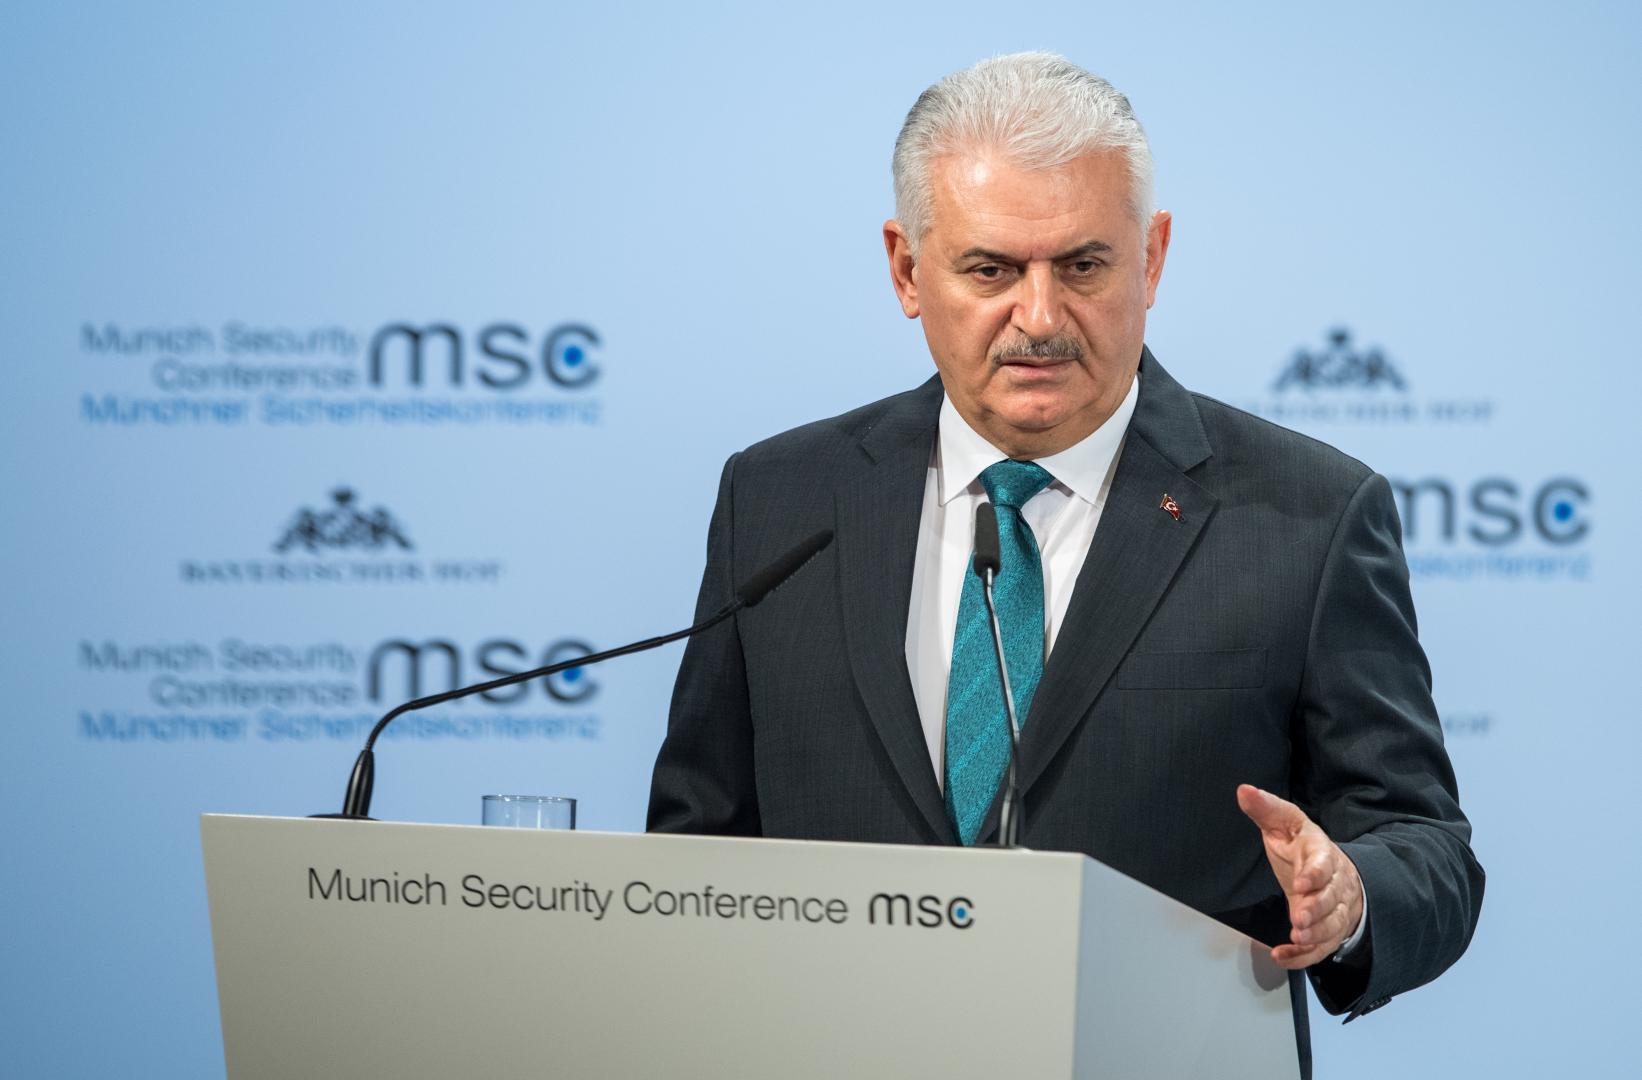 Premierul turc în exercițiu Binali Yıldırim anunță posibila ridicare a situației de urgență